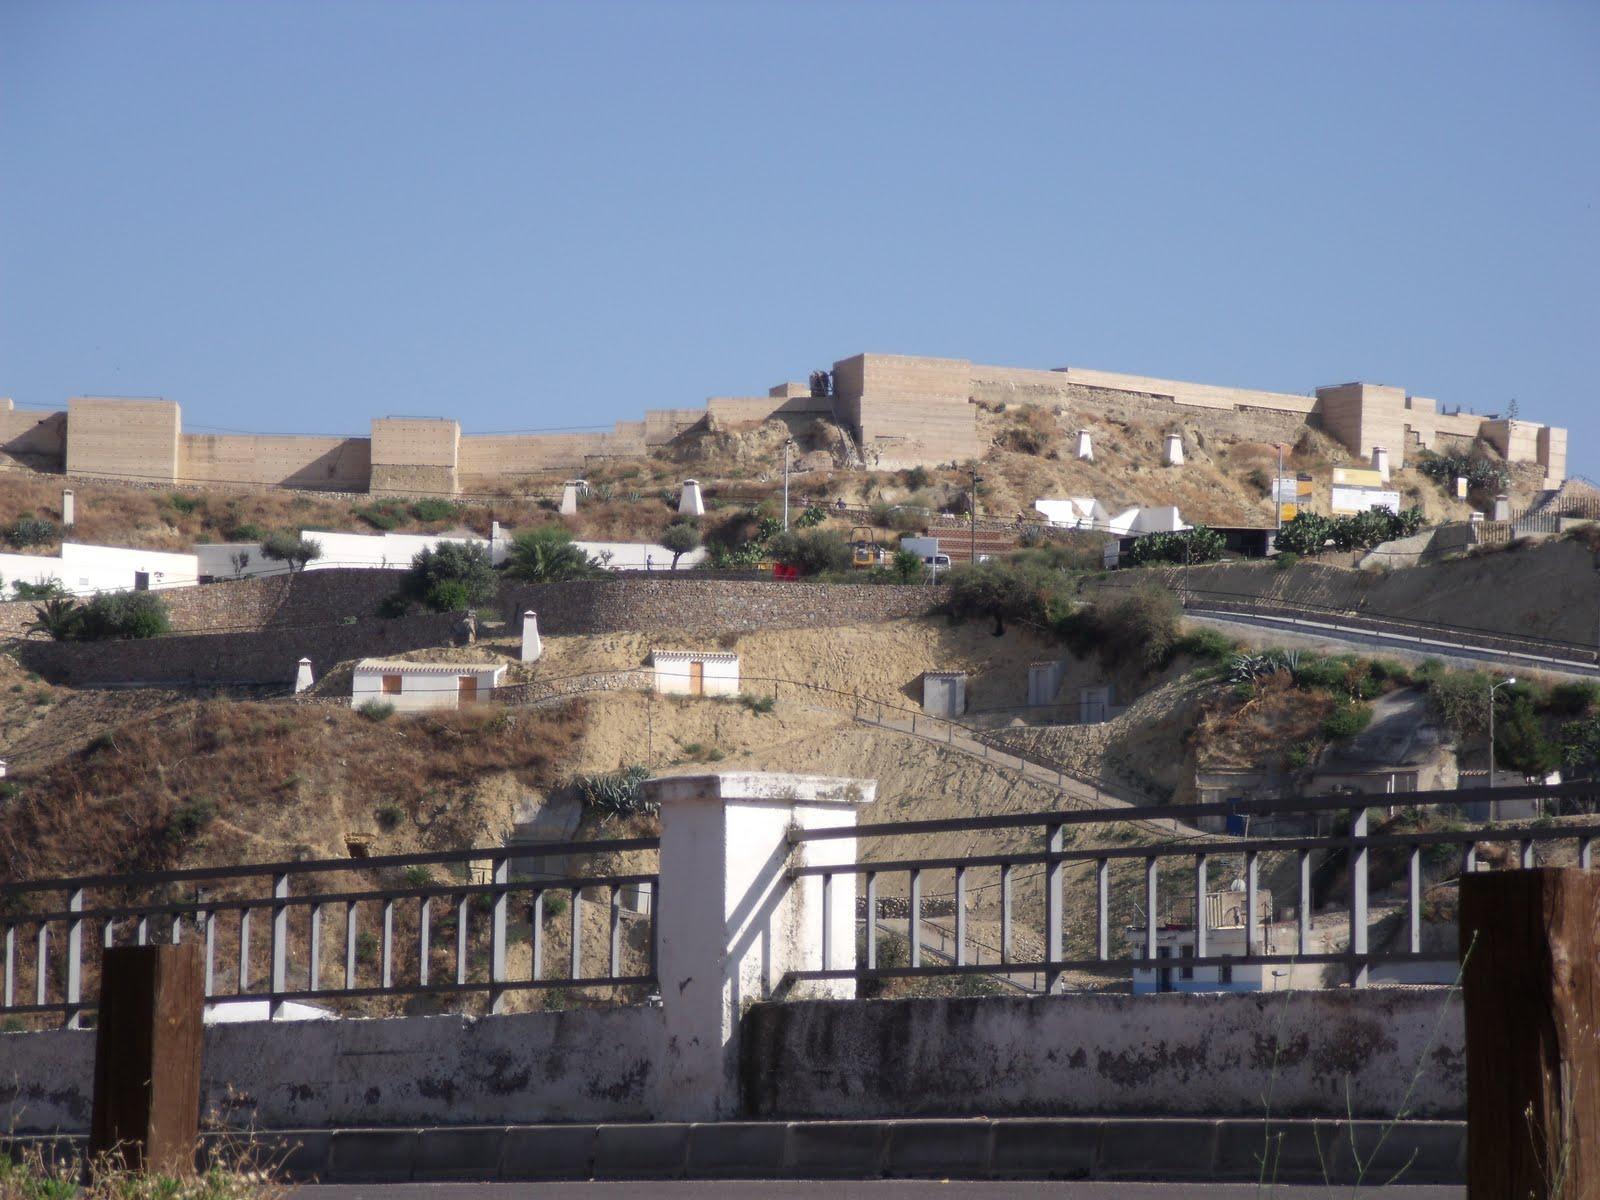 Puerto lumbreras castillo de nogalte - Hotel en puerto lumbreras ...